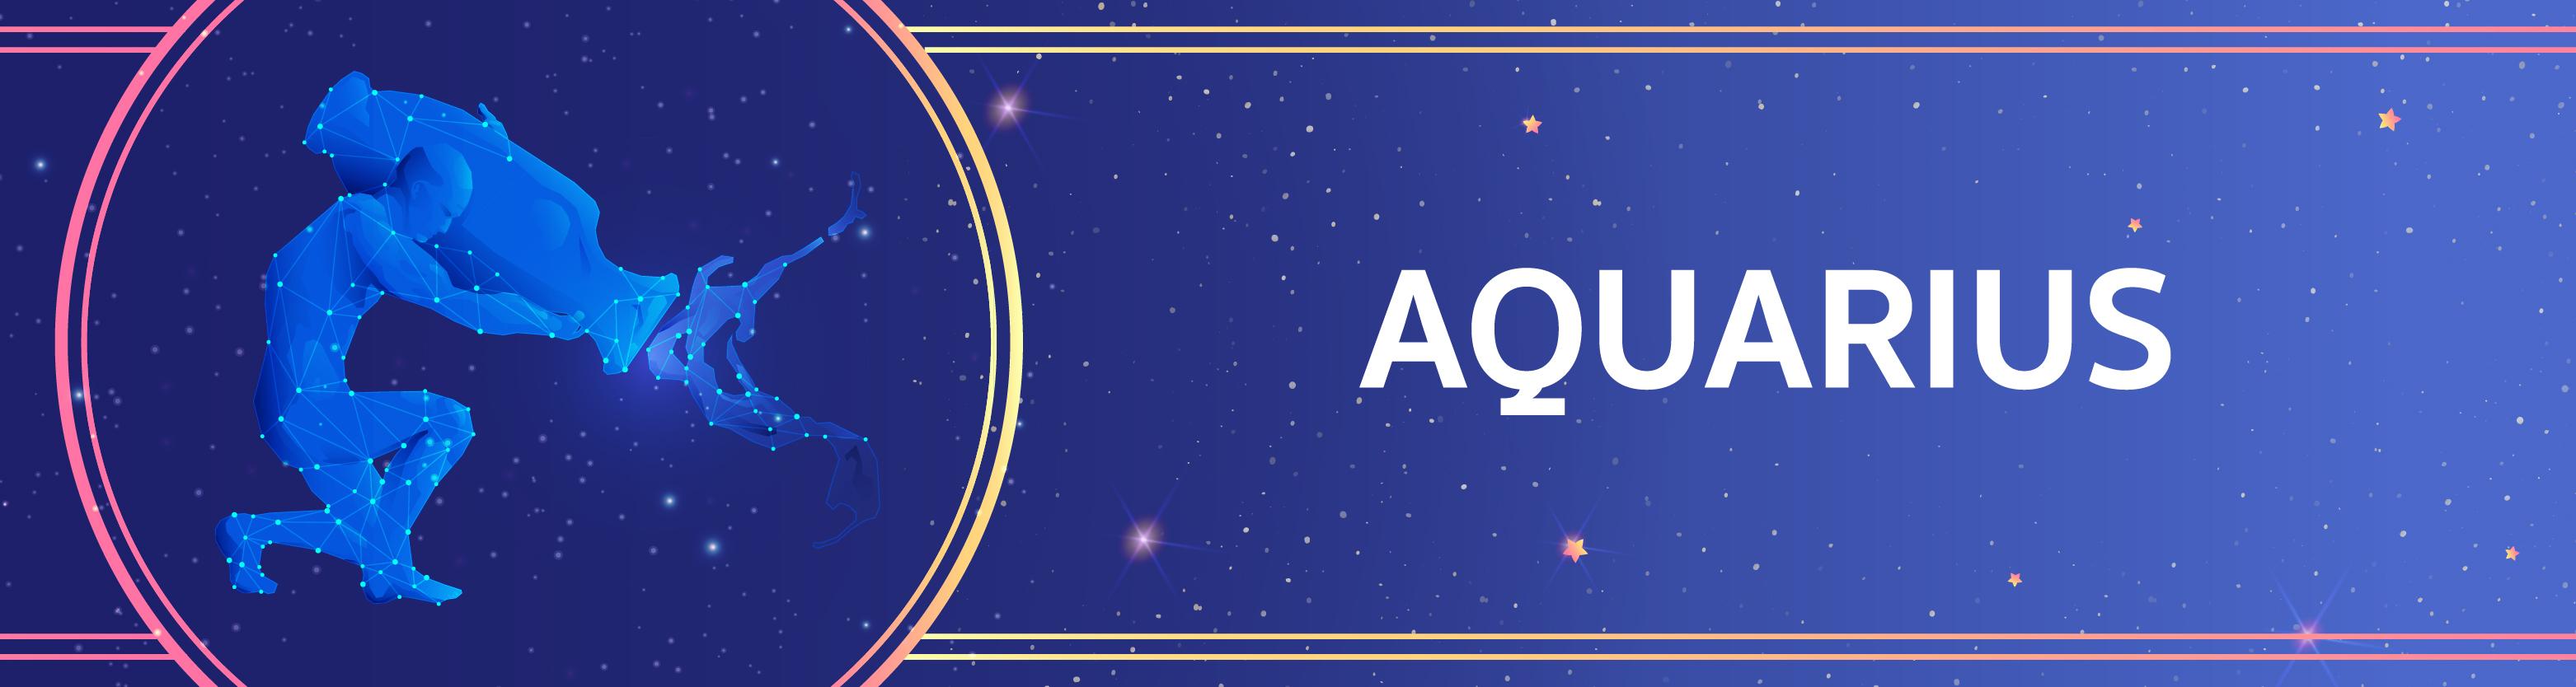 01Aquarius-01